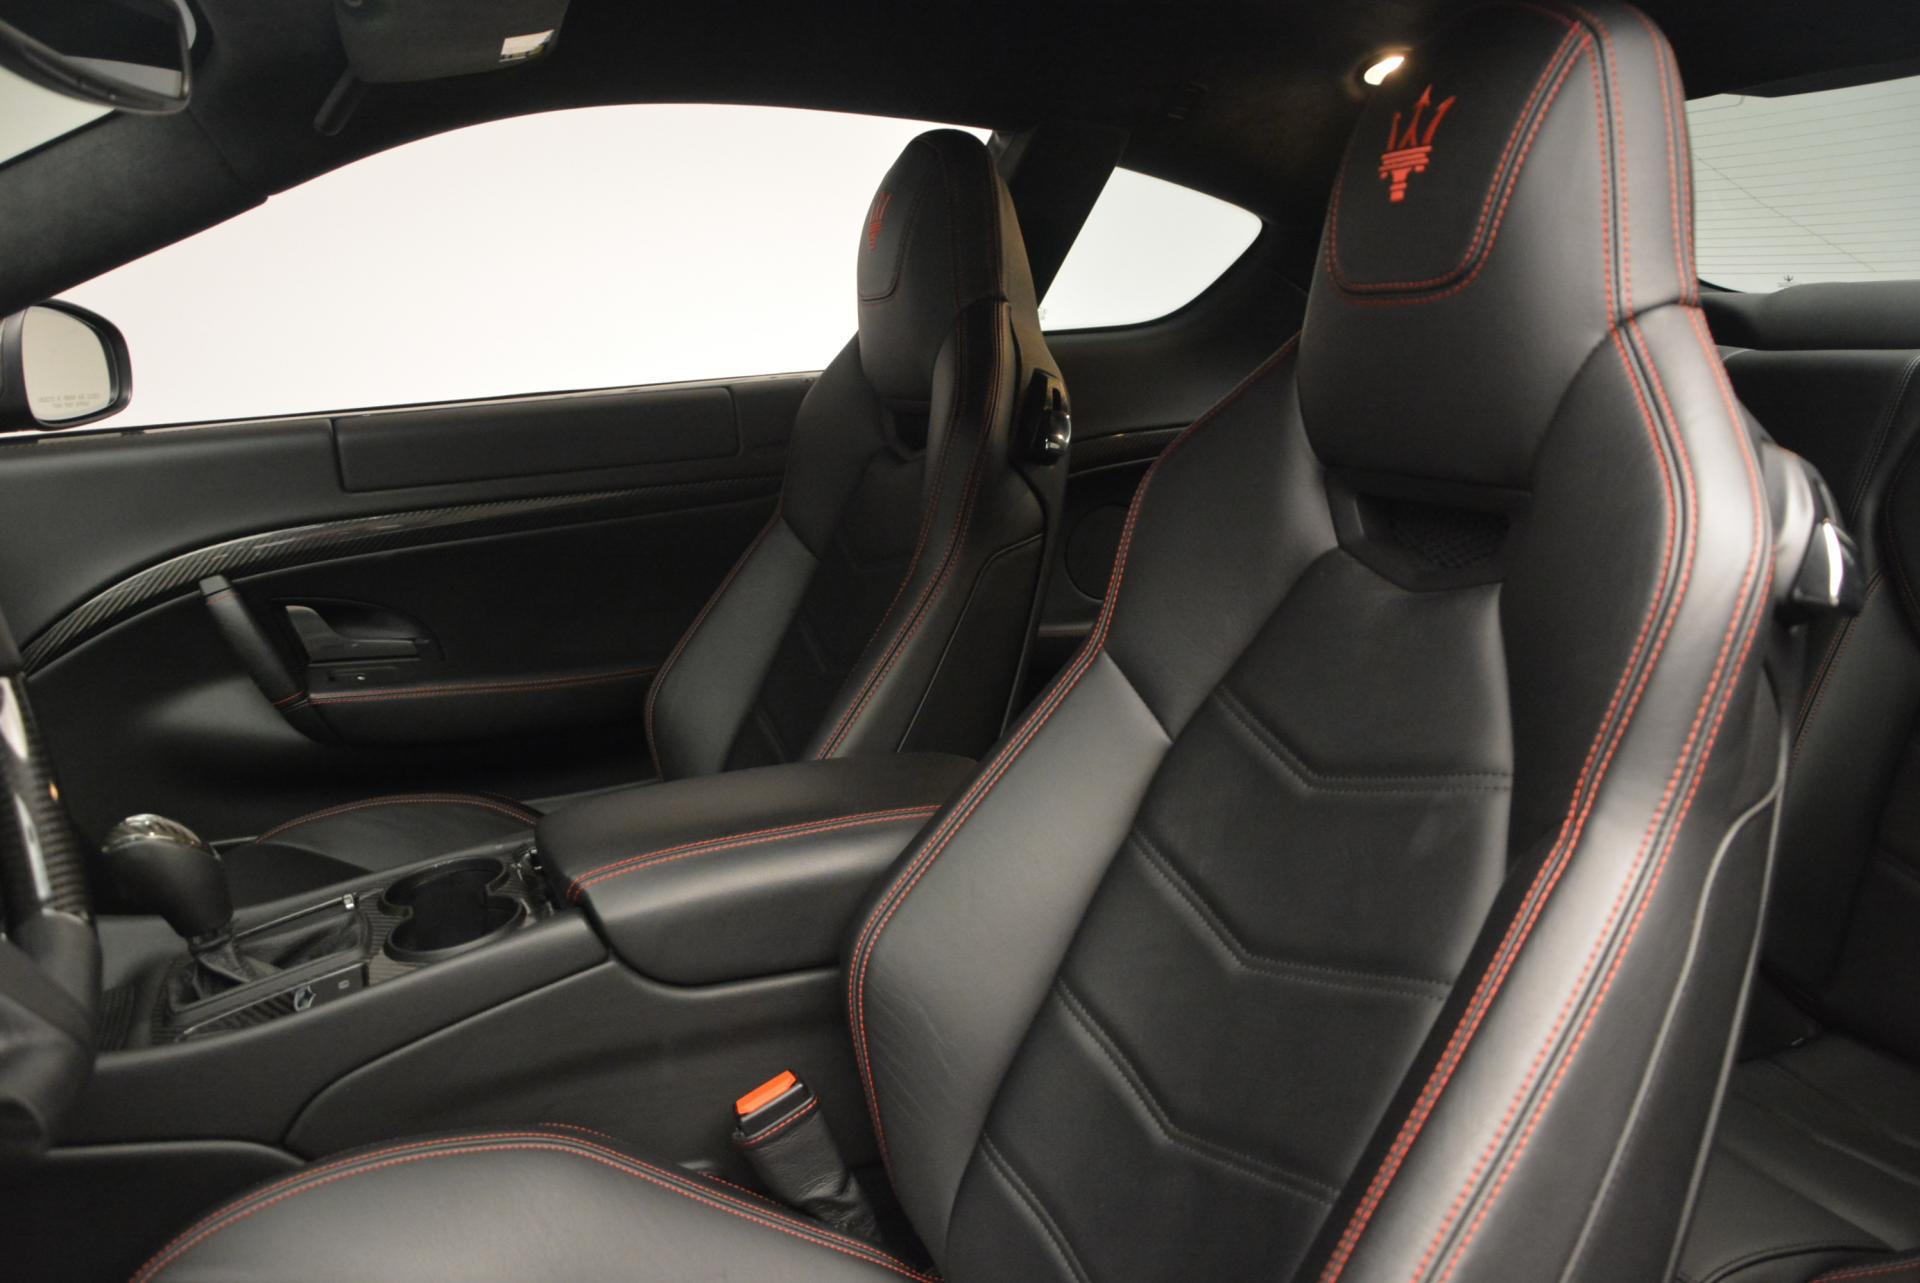 Used 2014 Maserati GranTurismo MC For Sale In Westport, CT 525_p18